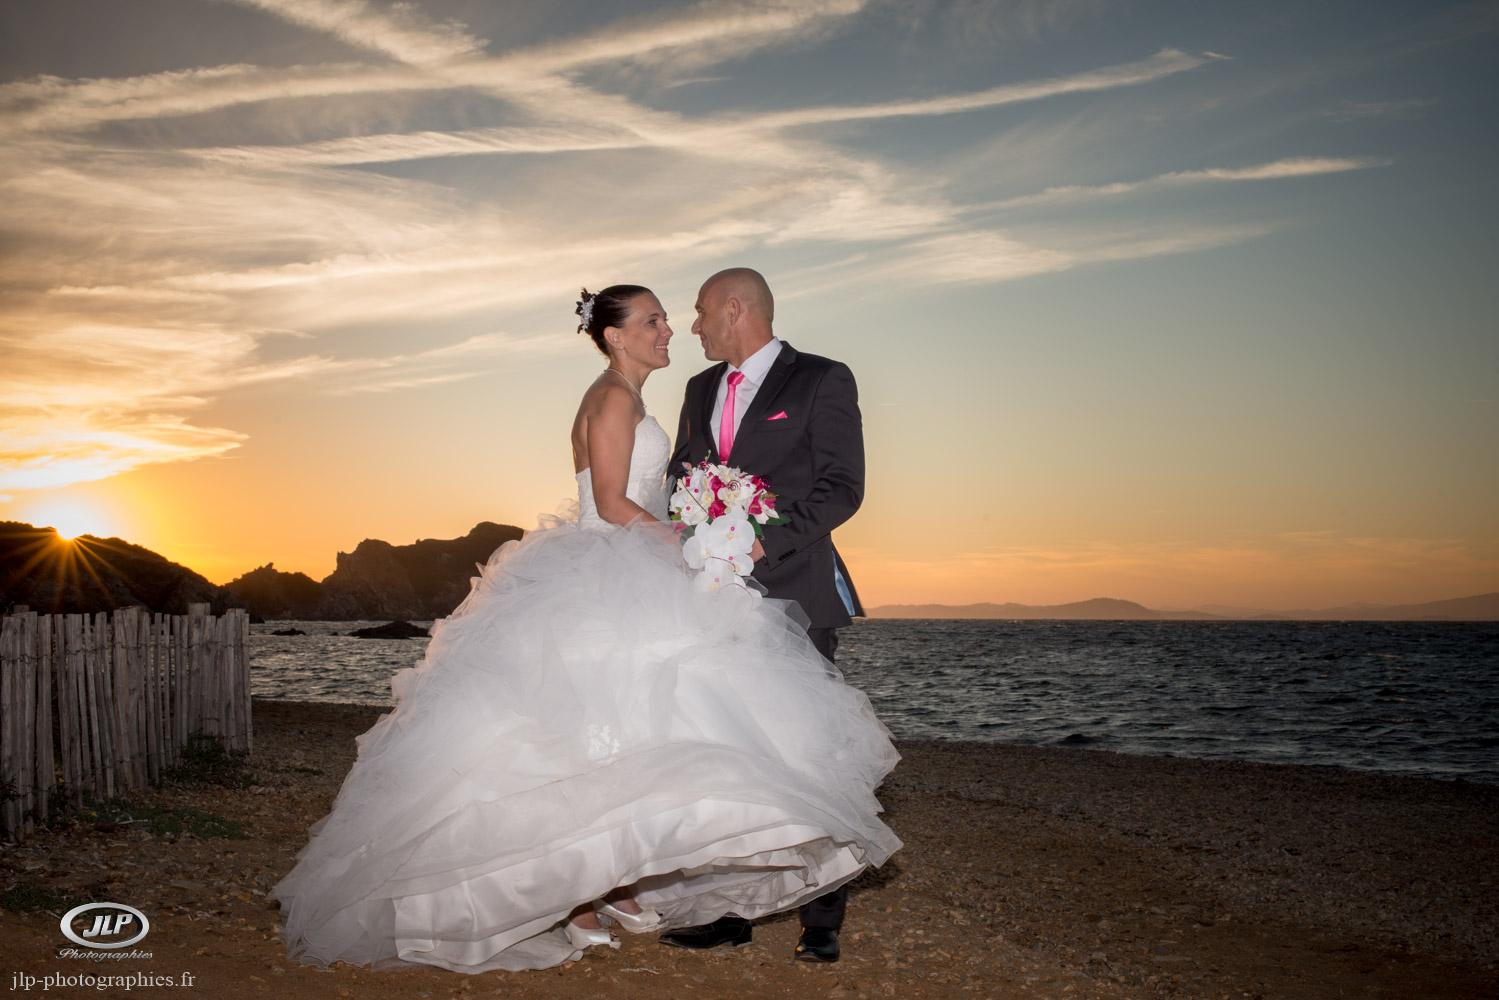 Jean-Luc Planat, Photographe de mariage sur le Var et la région PACA